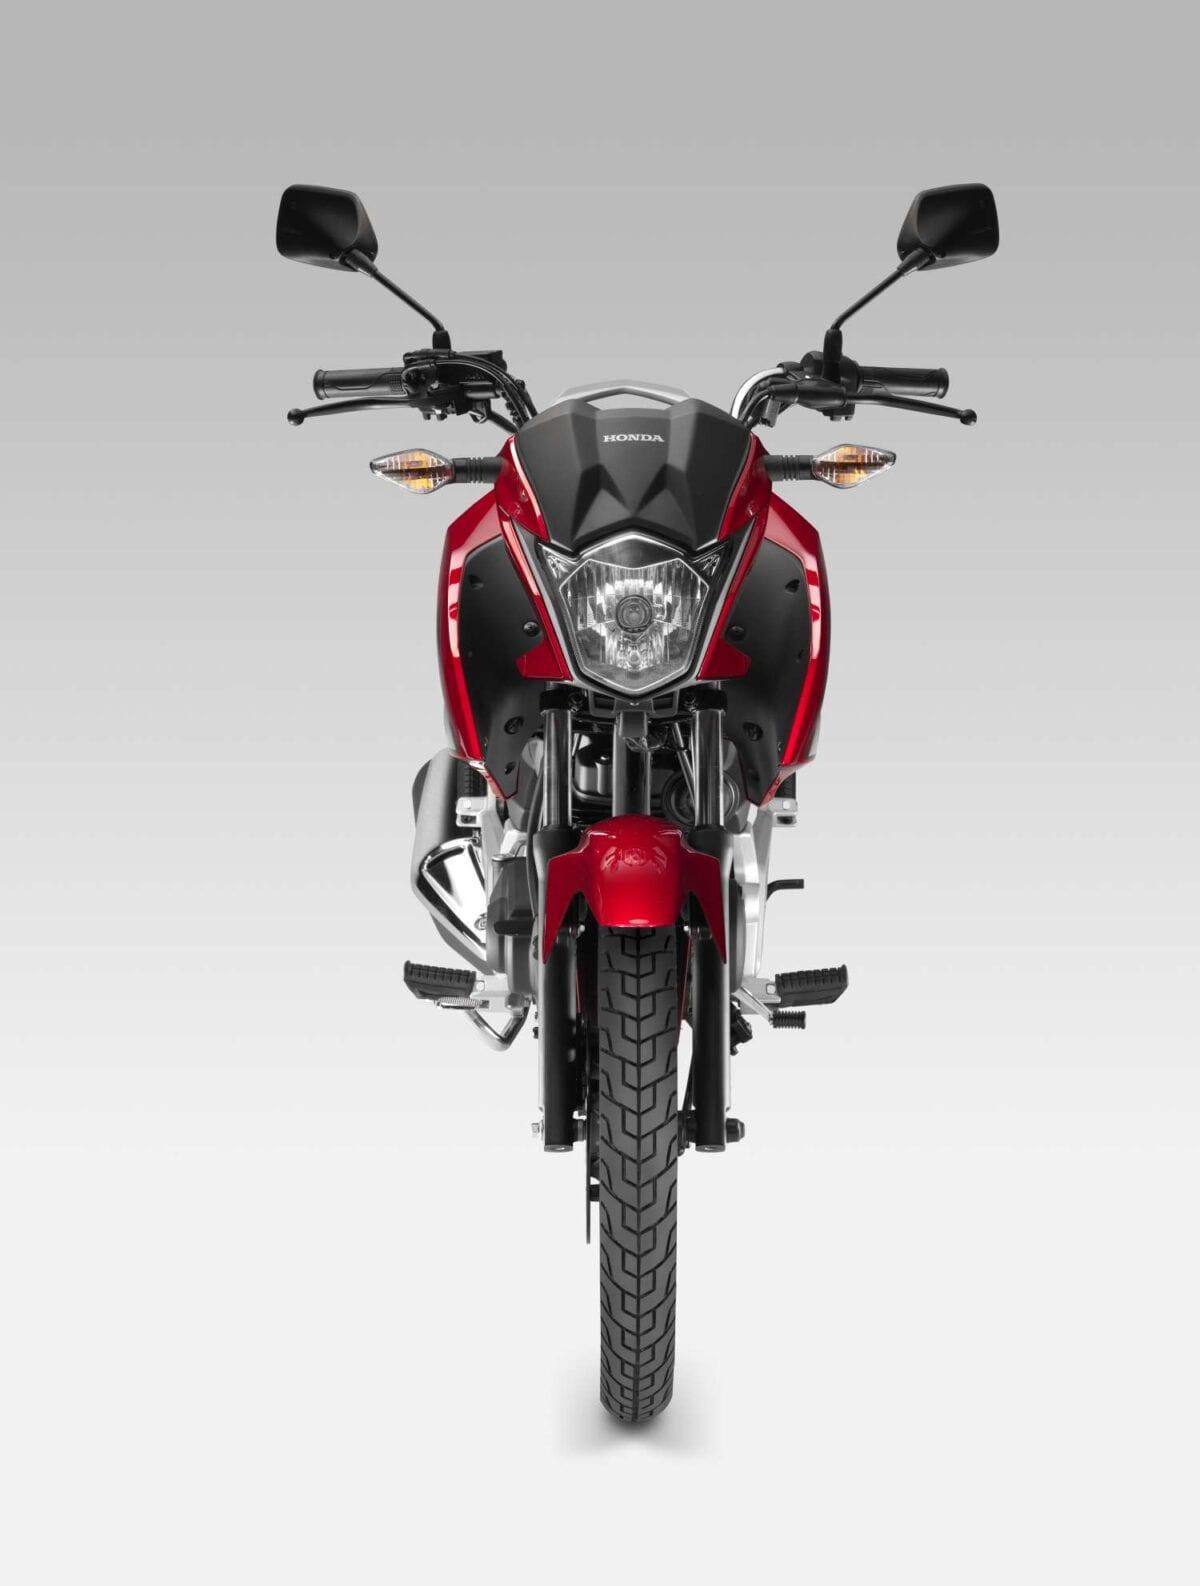 Honda CB125F 11